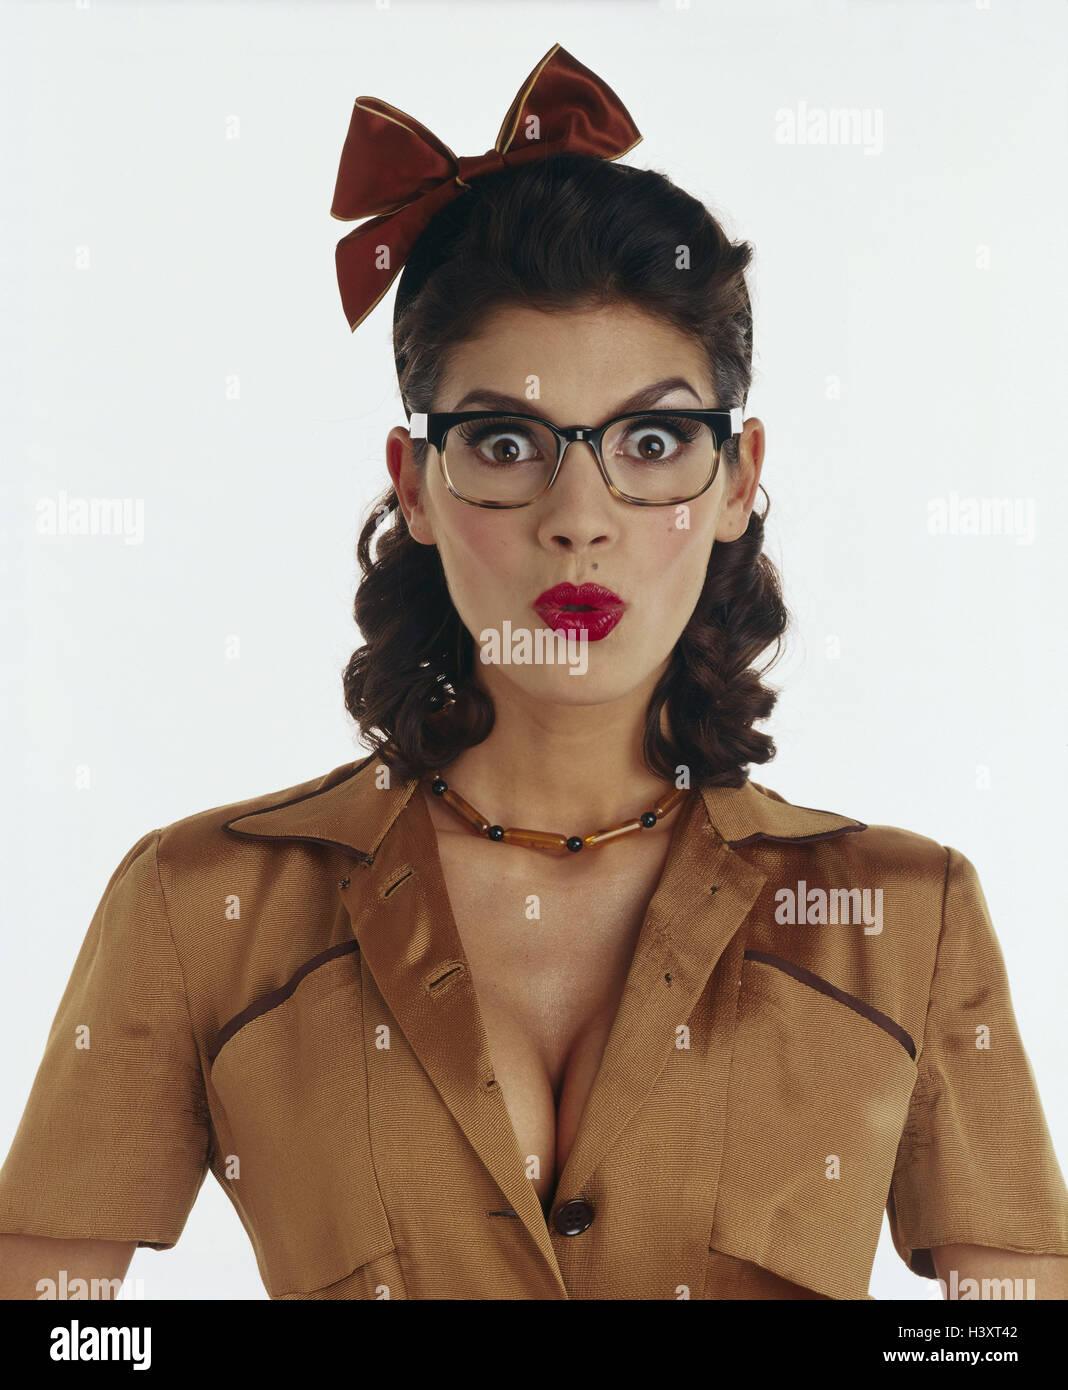 Mujer Gafas Bucle Pelo Cara Se Sorprende Sorpresas Retrato